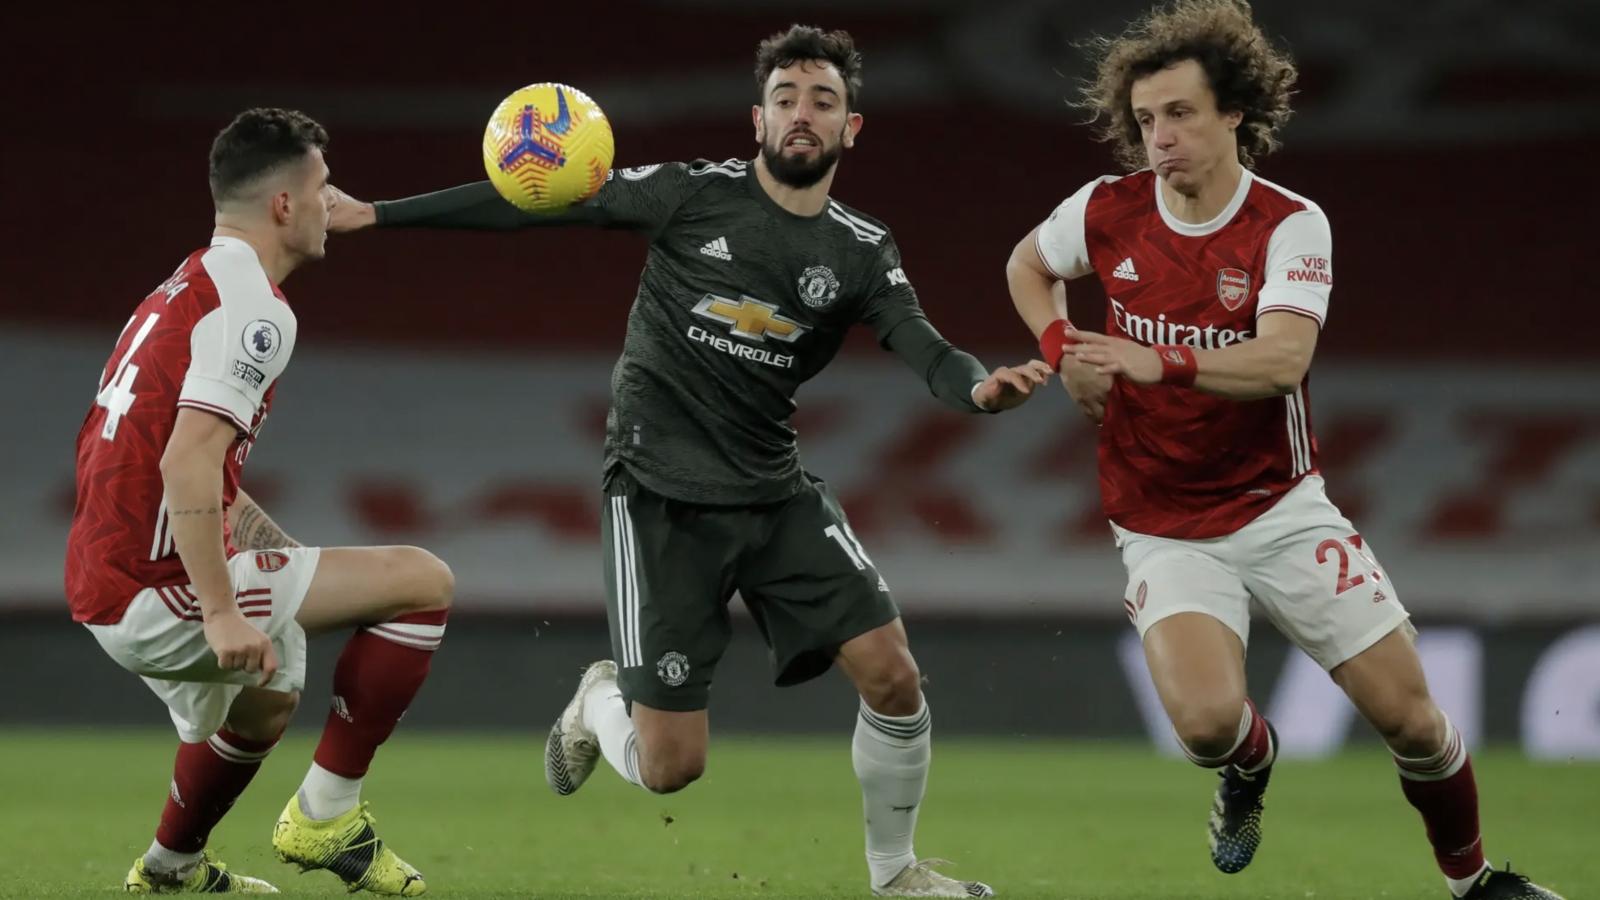 Bàn thắng ngoảnh mặt, Arsenal và MU chia điểm tiếc nuối sau màn thư hùng ở Emirates